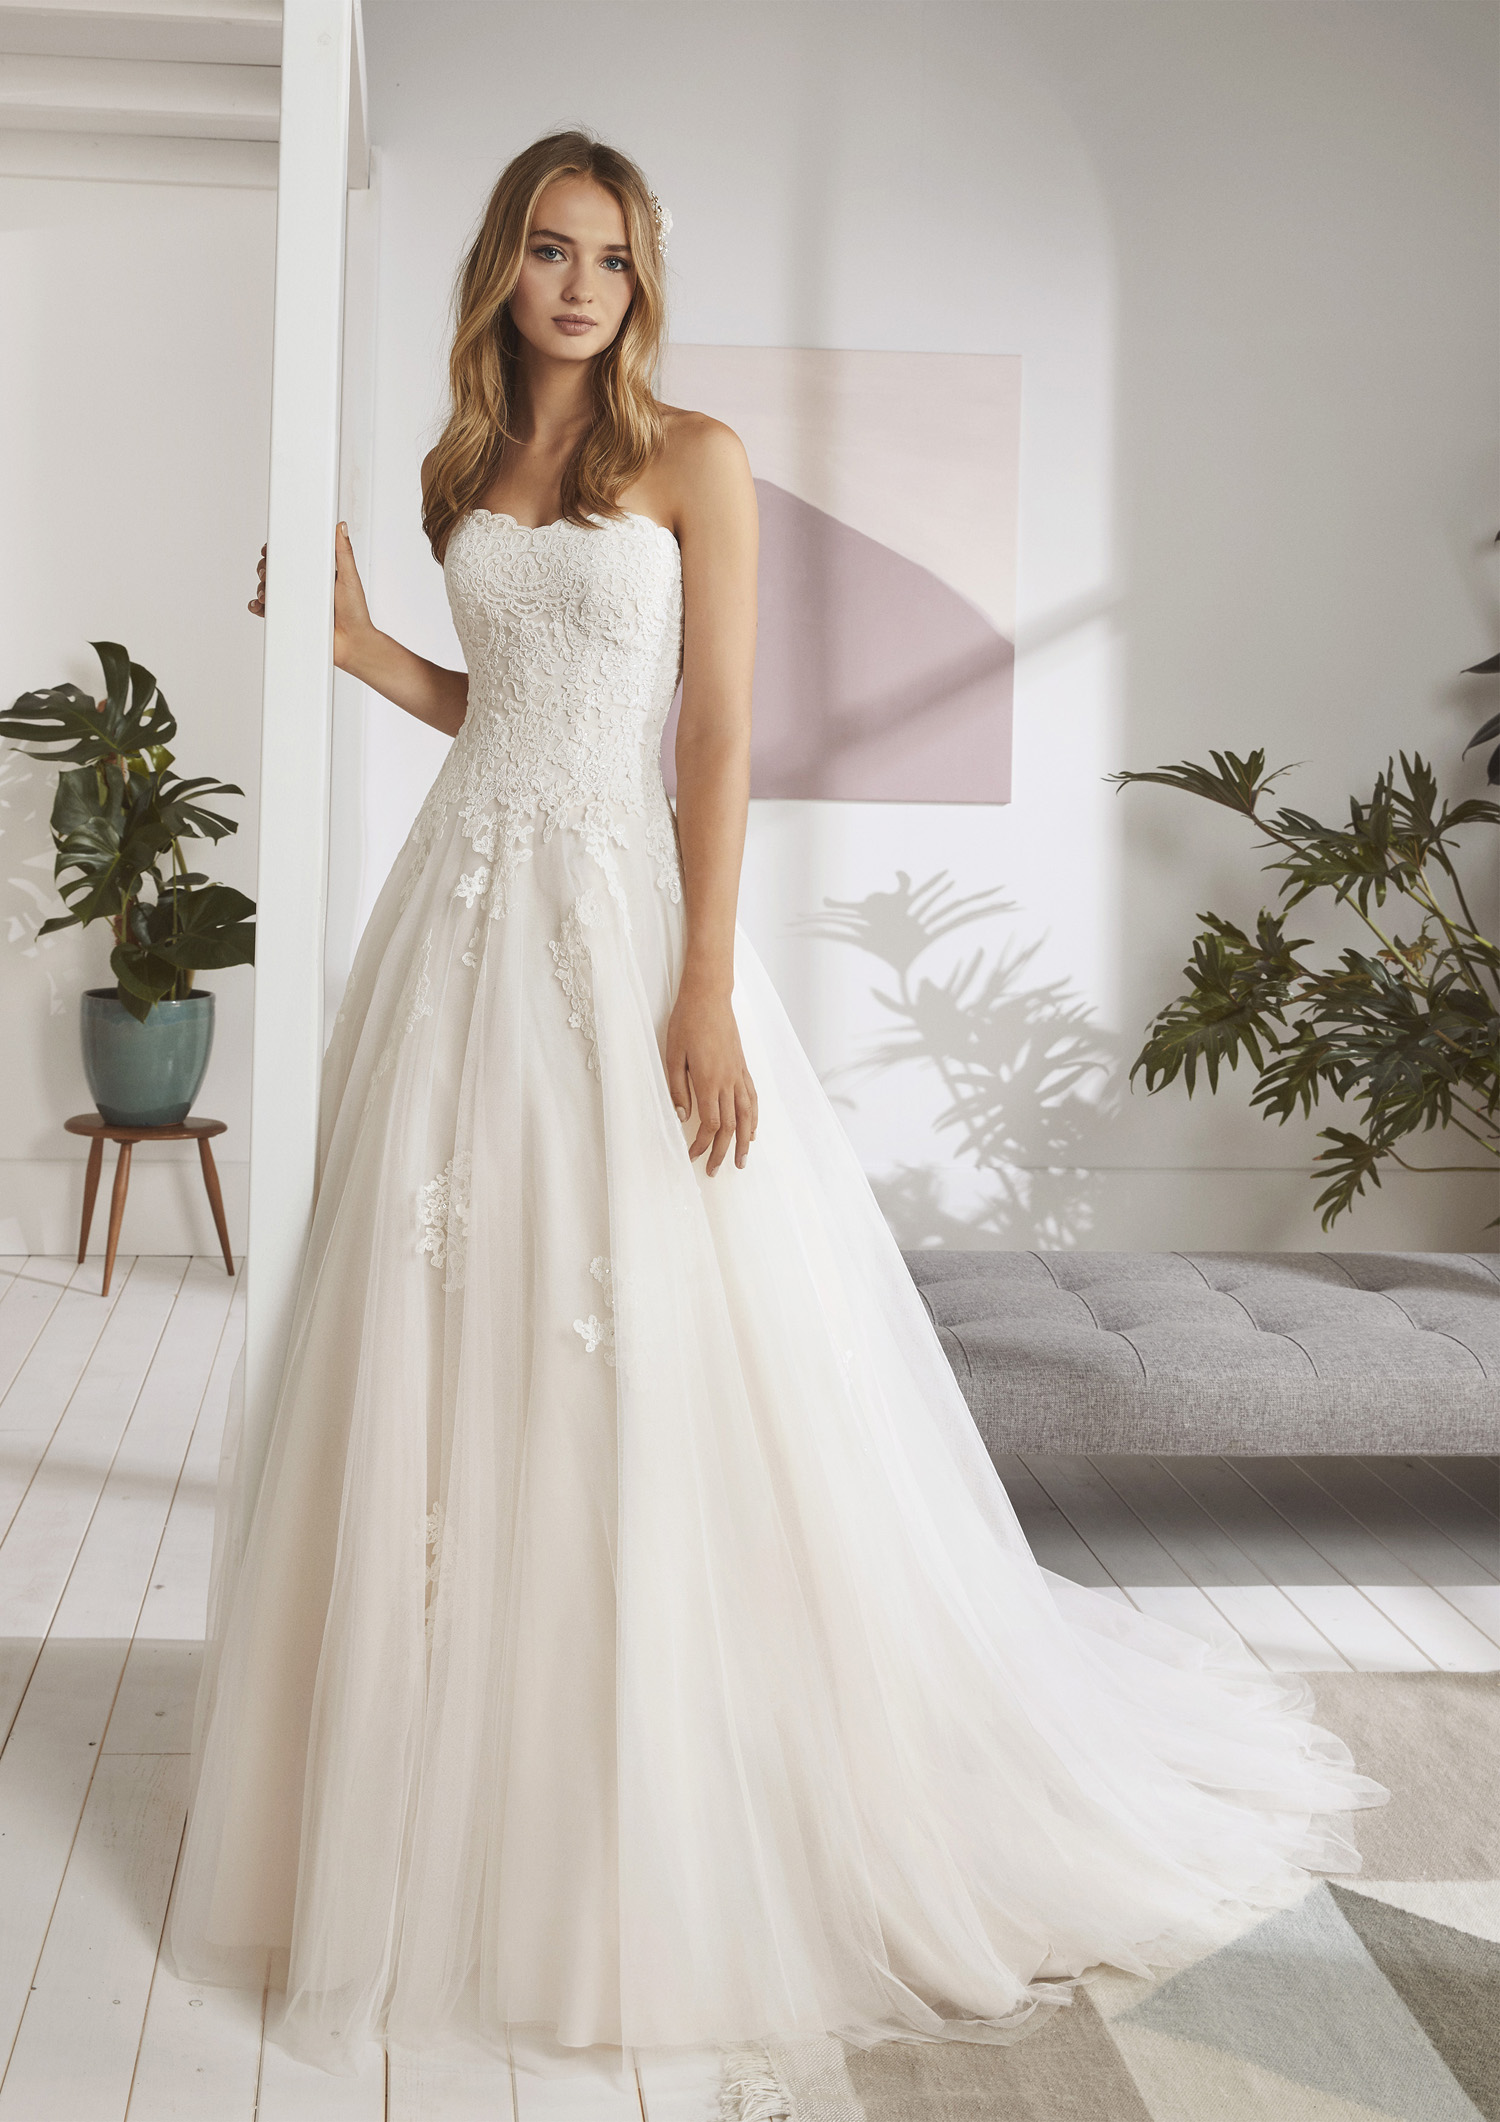 Immagini Vestiti Da Sposa.Abito Da Sposa Poeme 2020 Ordizia Mariages It Abiti Sposa E